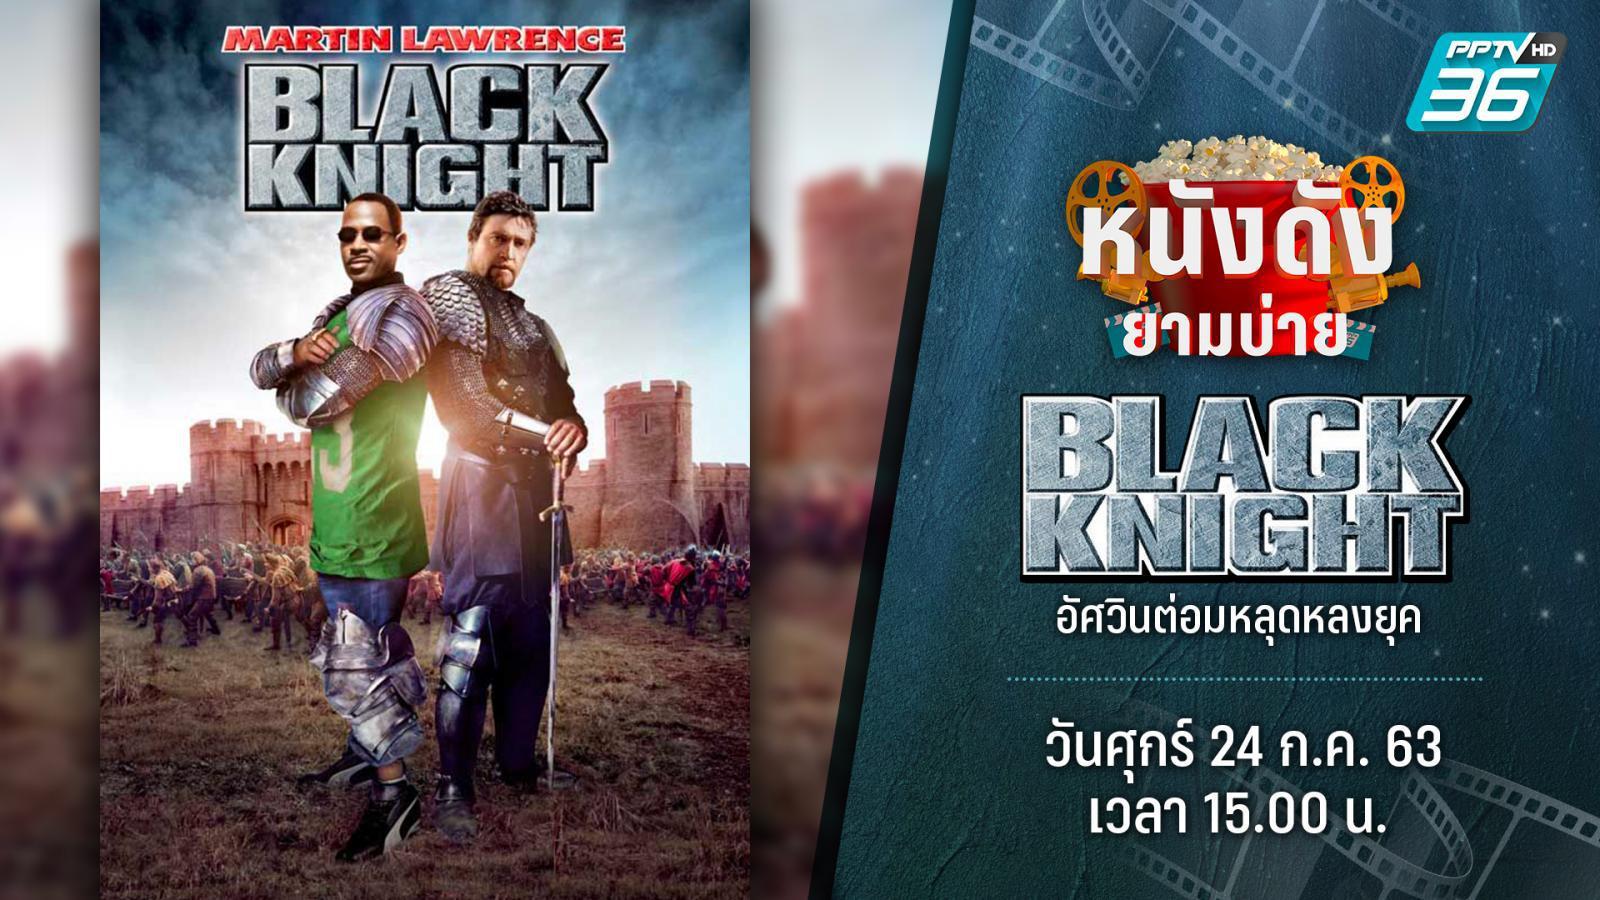 Black Knightอัศวินต่อมหลุดหลงยุค